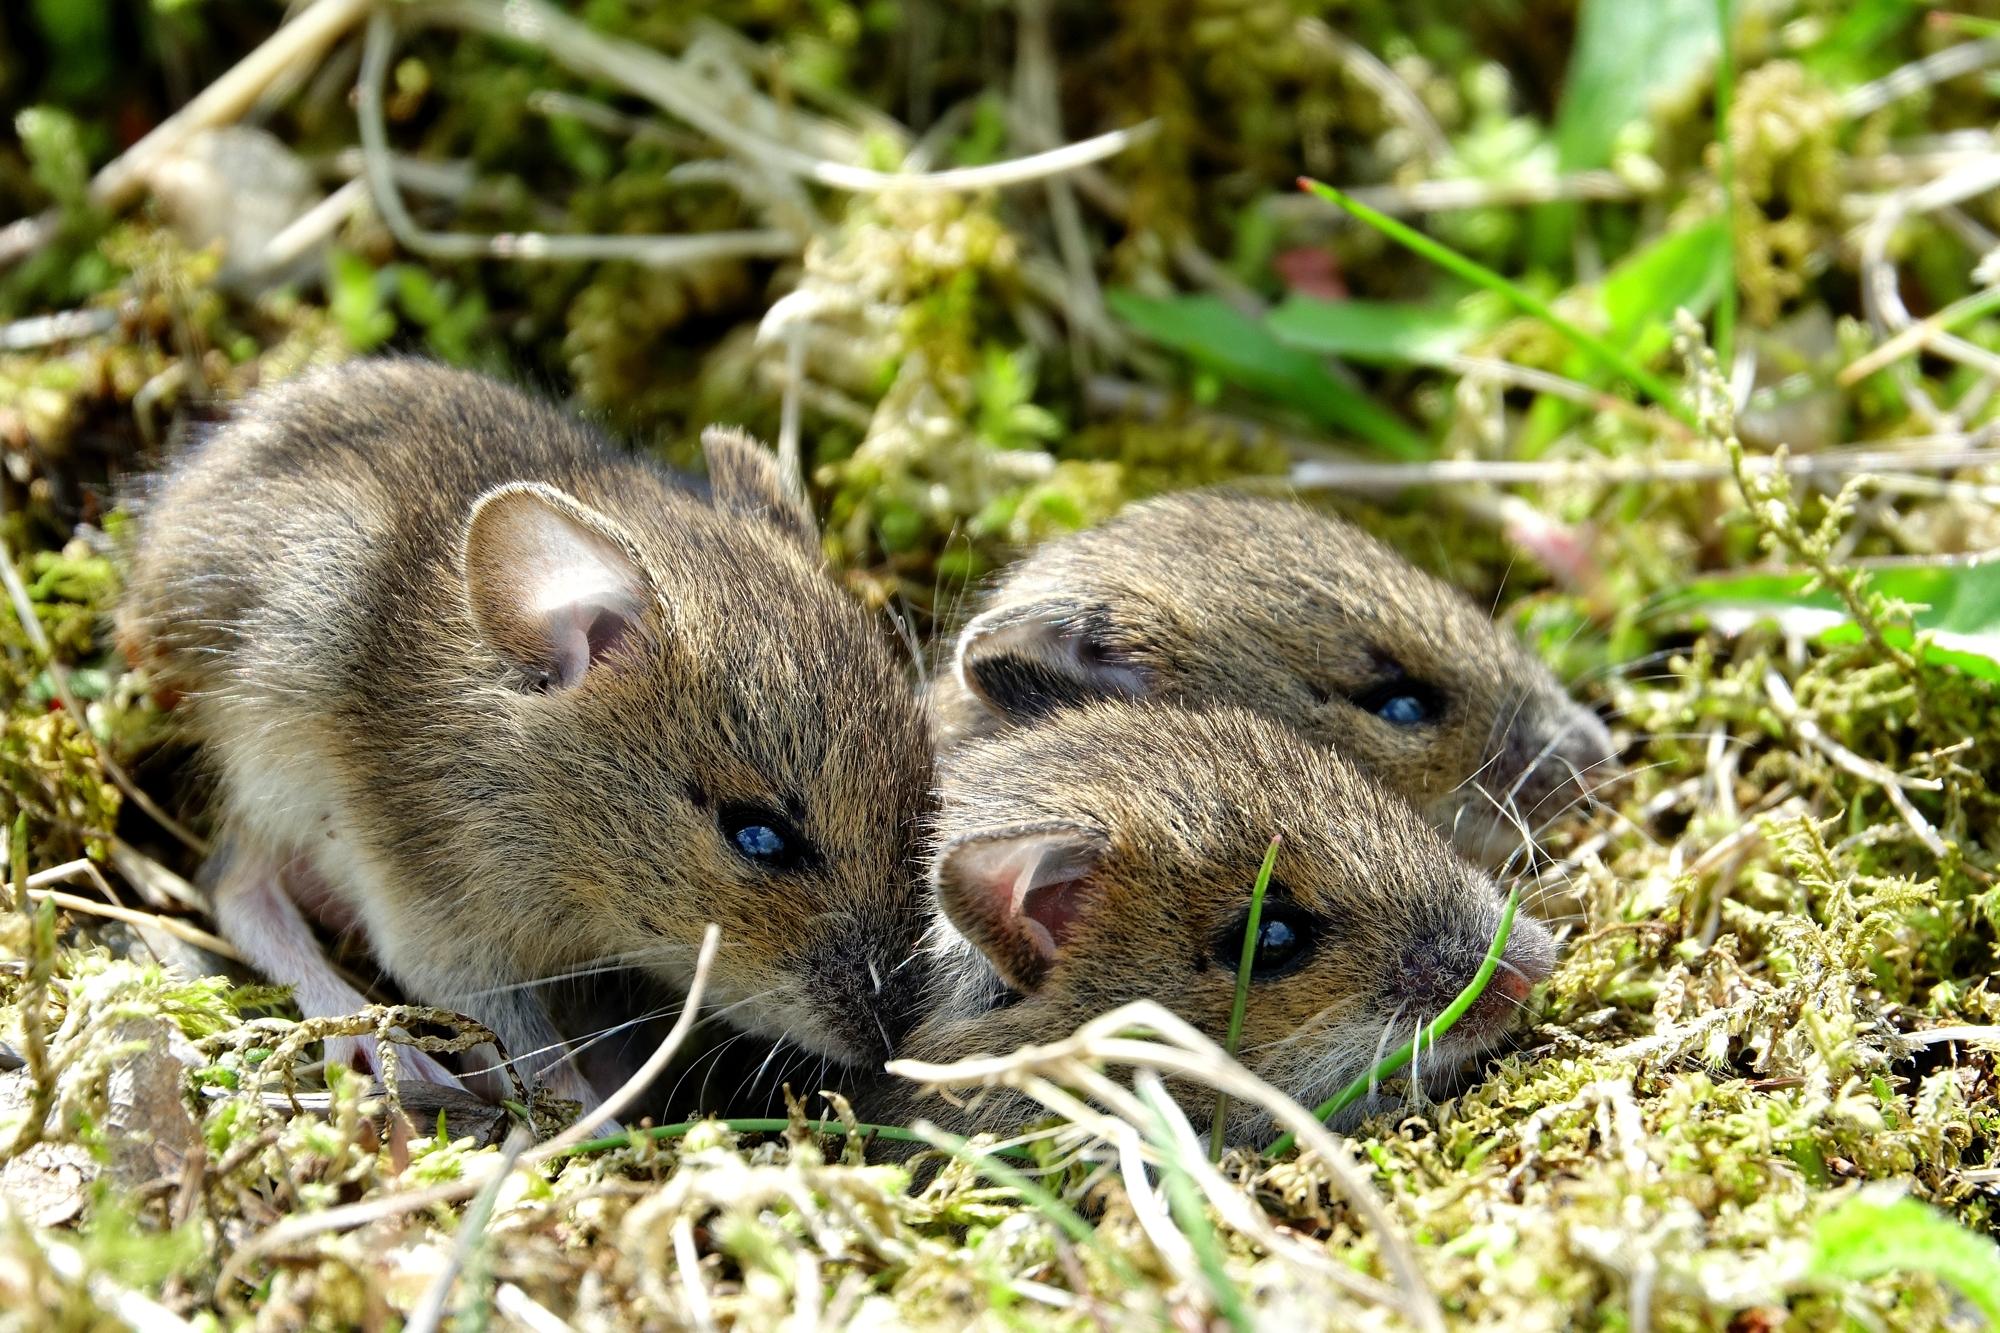 Sian tre piccoli fratellin.......